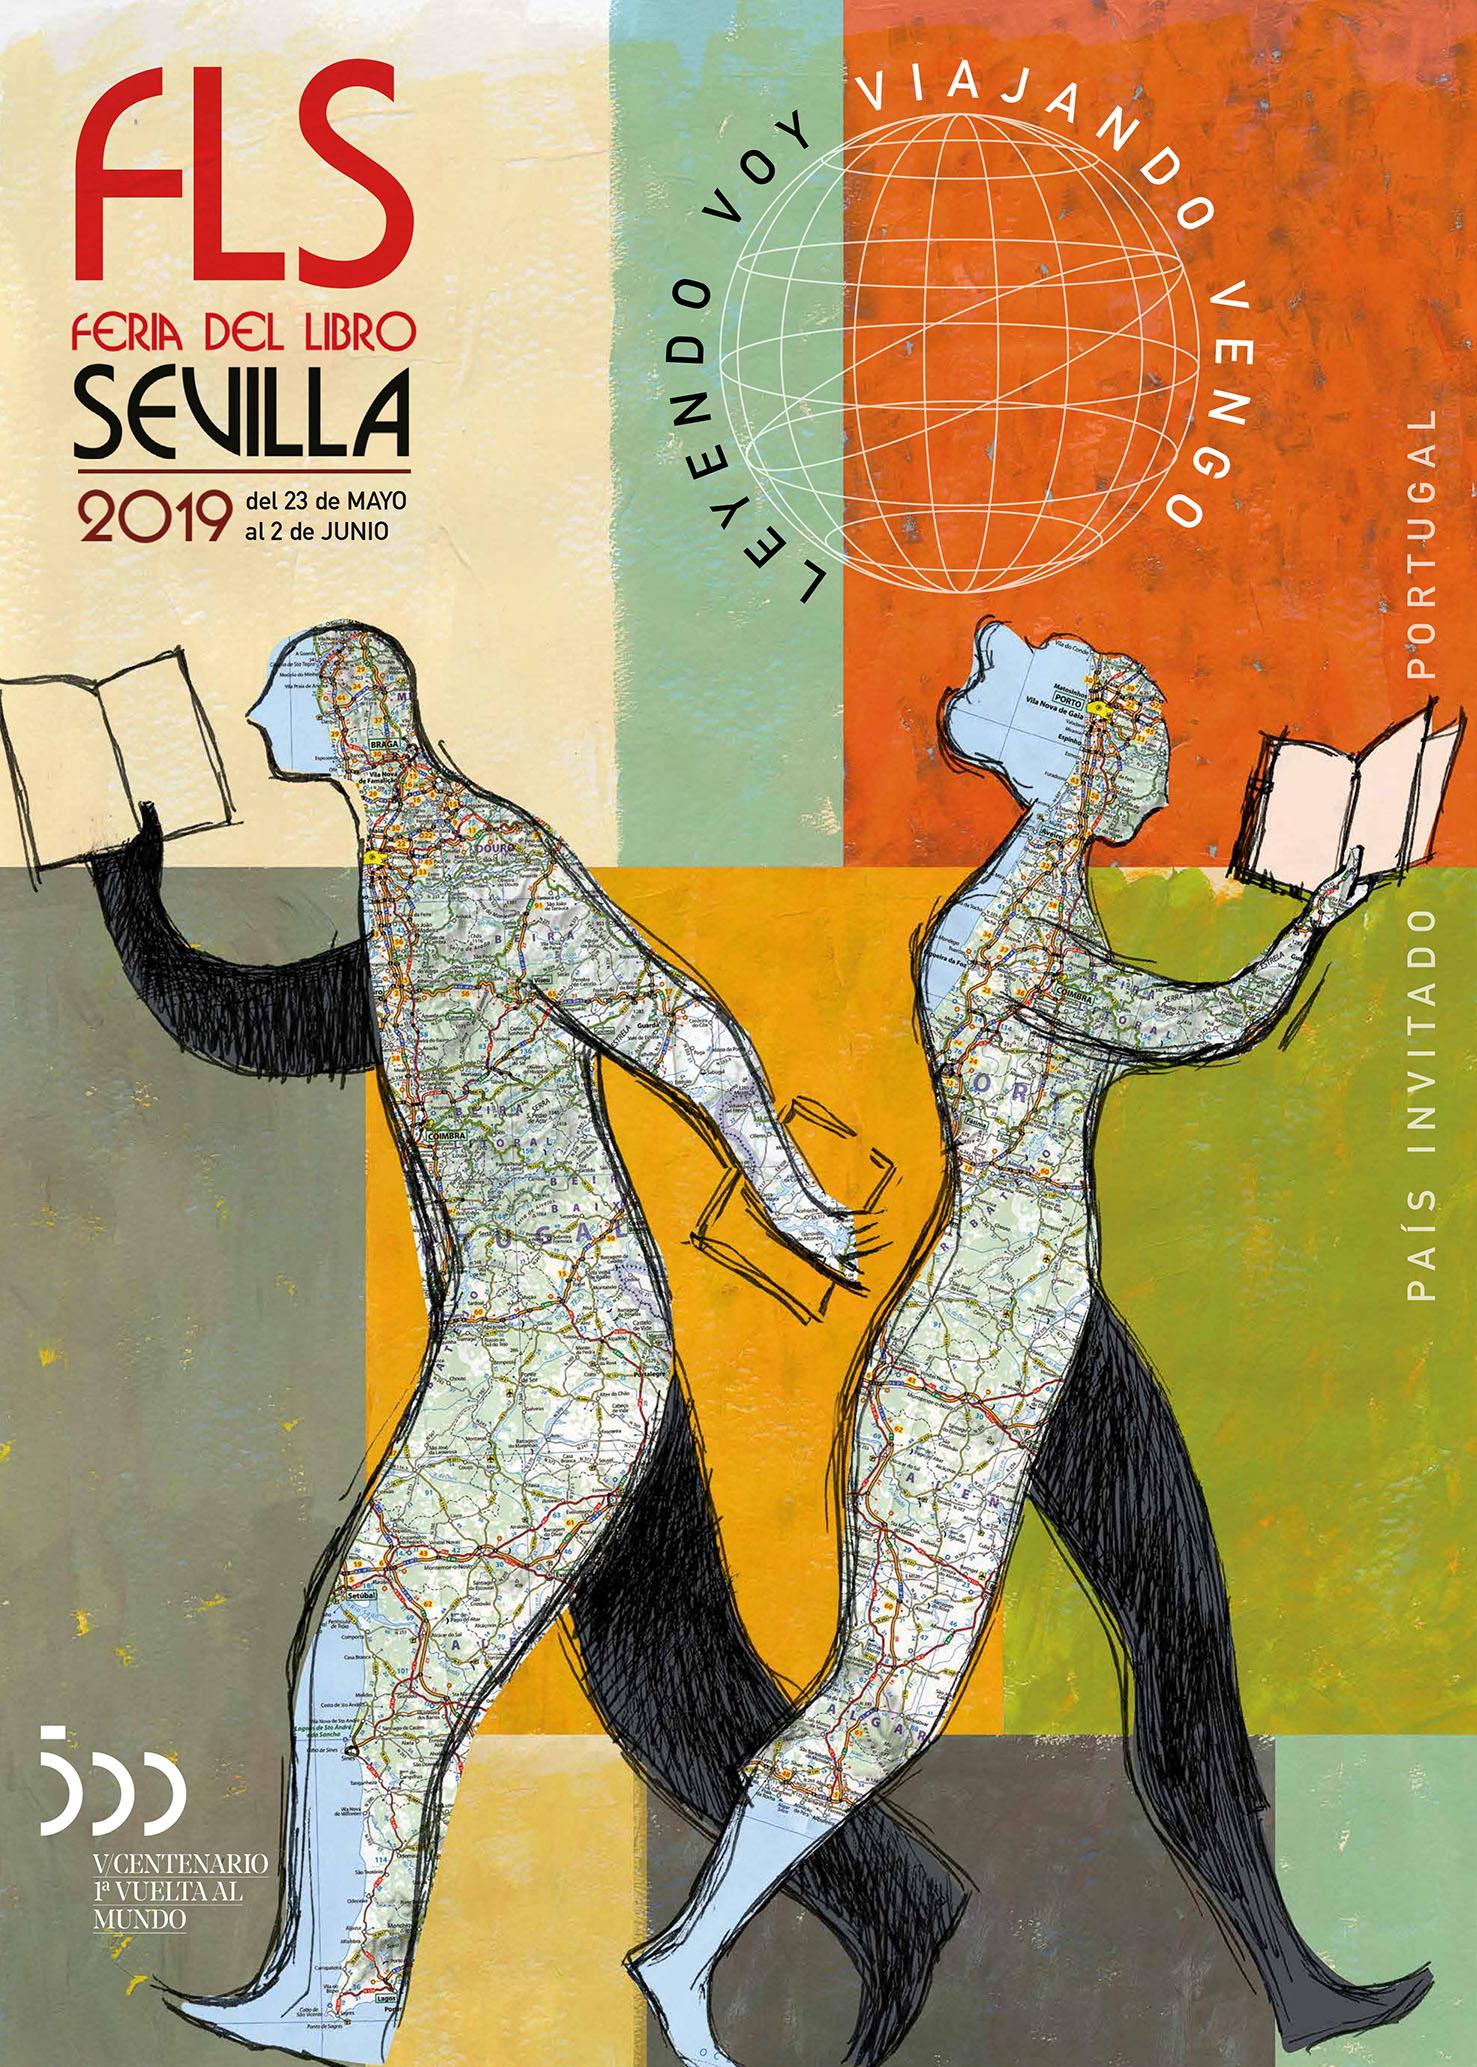 La Feria del Libro de Sevilla 2019 presenta su cartel